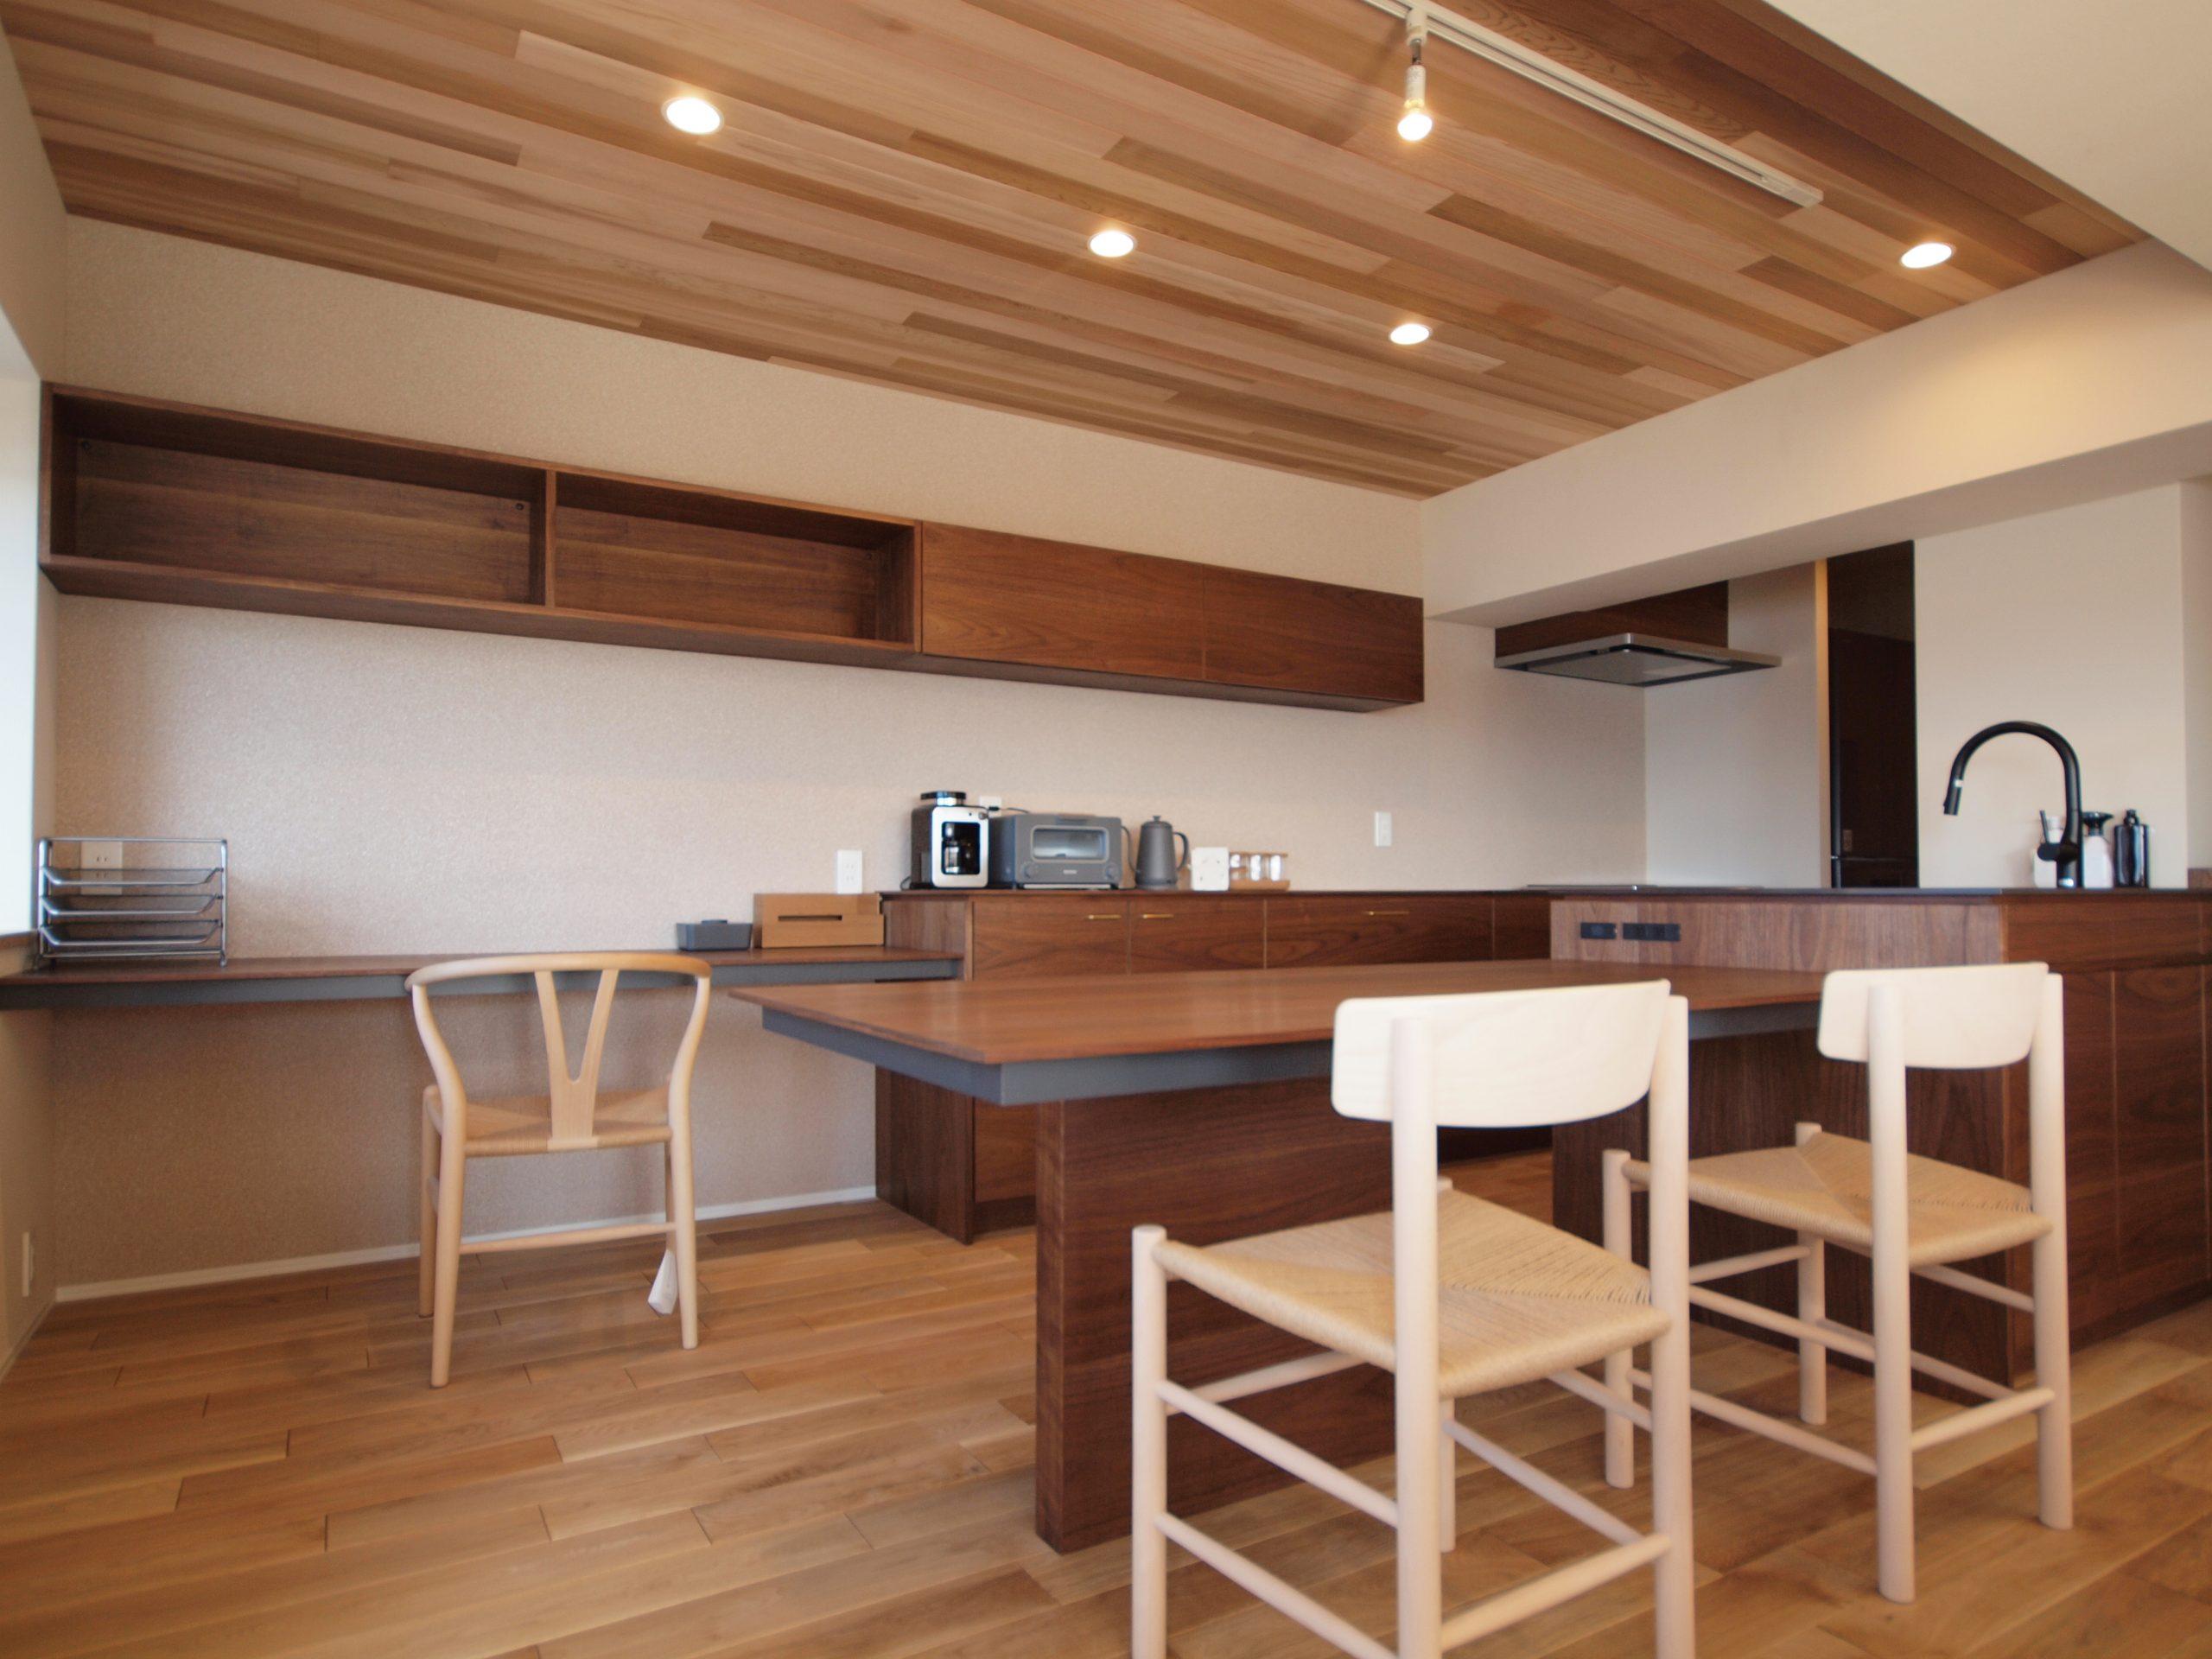 リノベーション施工案件: オーダーメイドキッチン・北欧家具・PB060320 | CRAFT WORKS. | 株式会社CWT | クラフトワークス | 新築、店舗、住宅、マンションのリフォームとリノベーション | Residential renovation | 福岡県北九州市